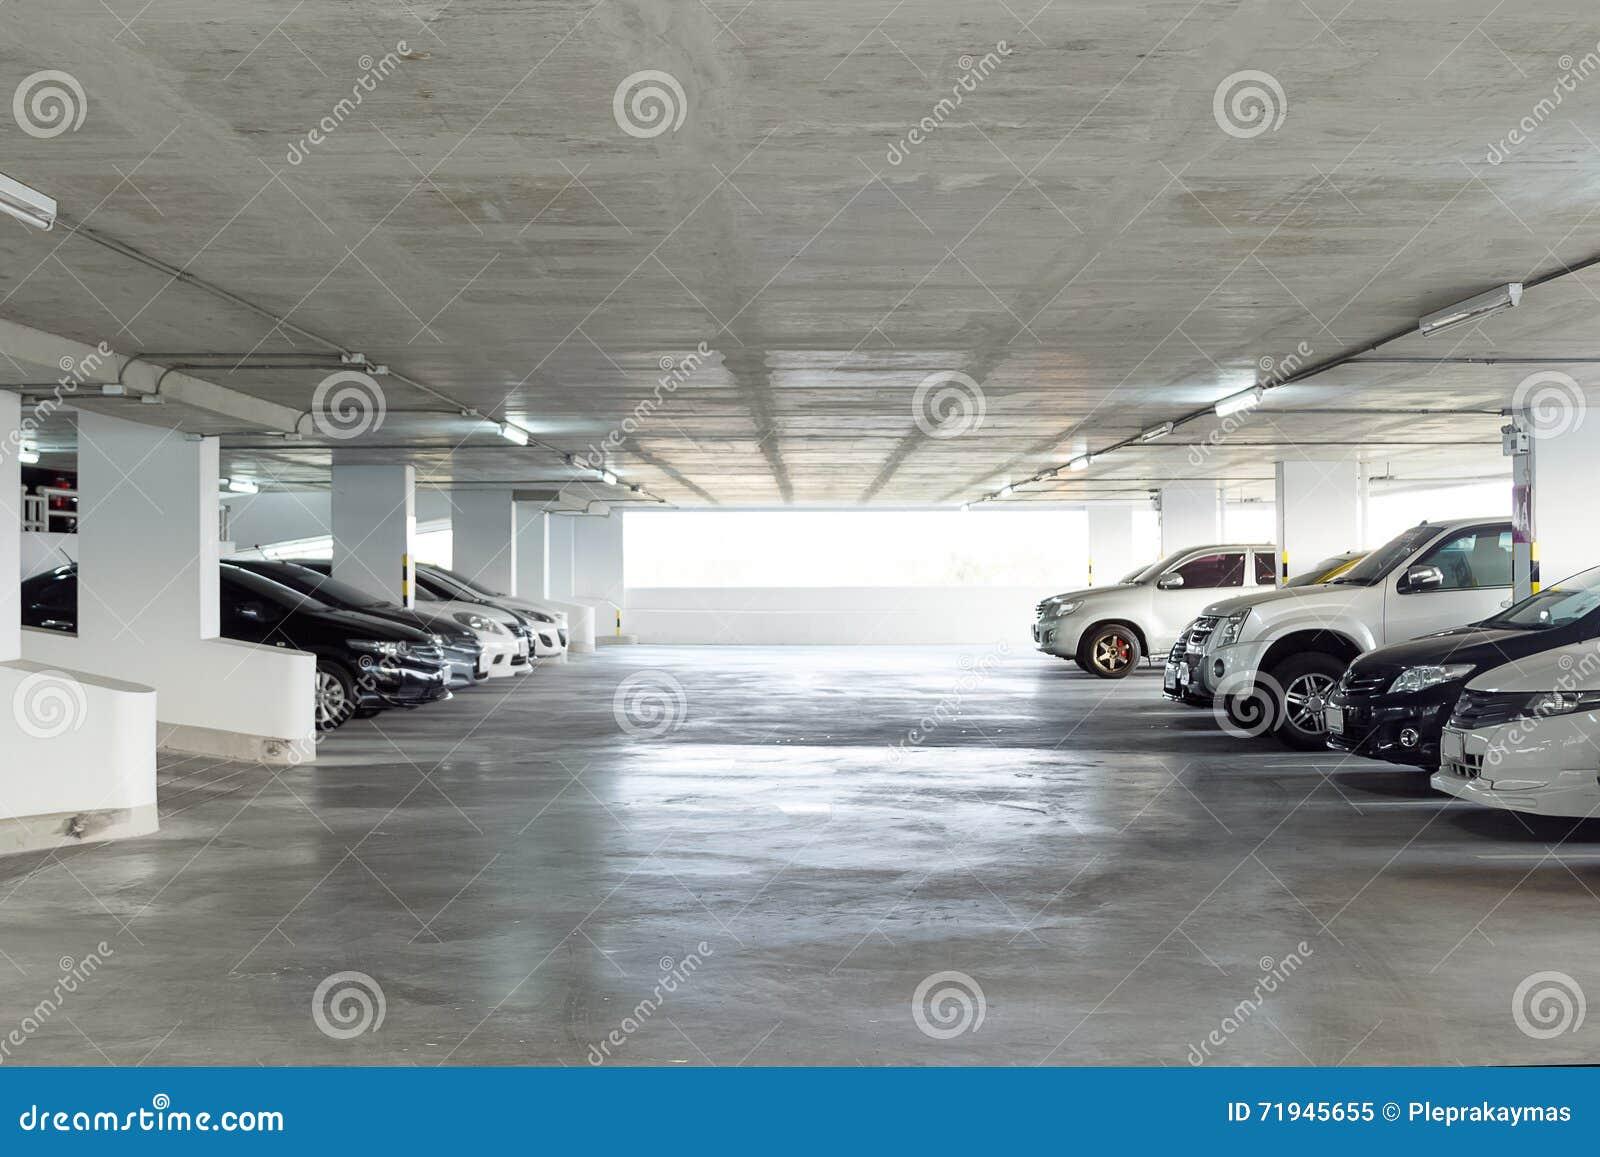 Родовой интерьер автостоянки, стояночная площадка